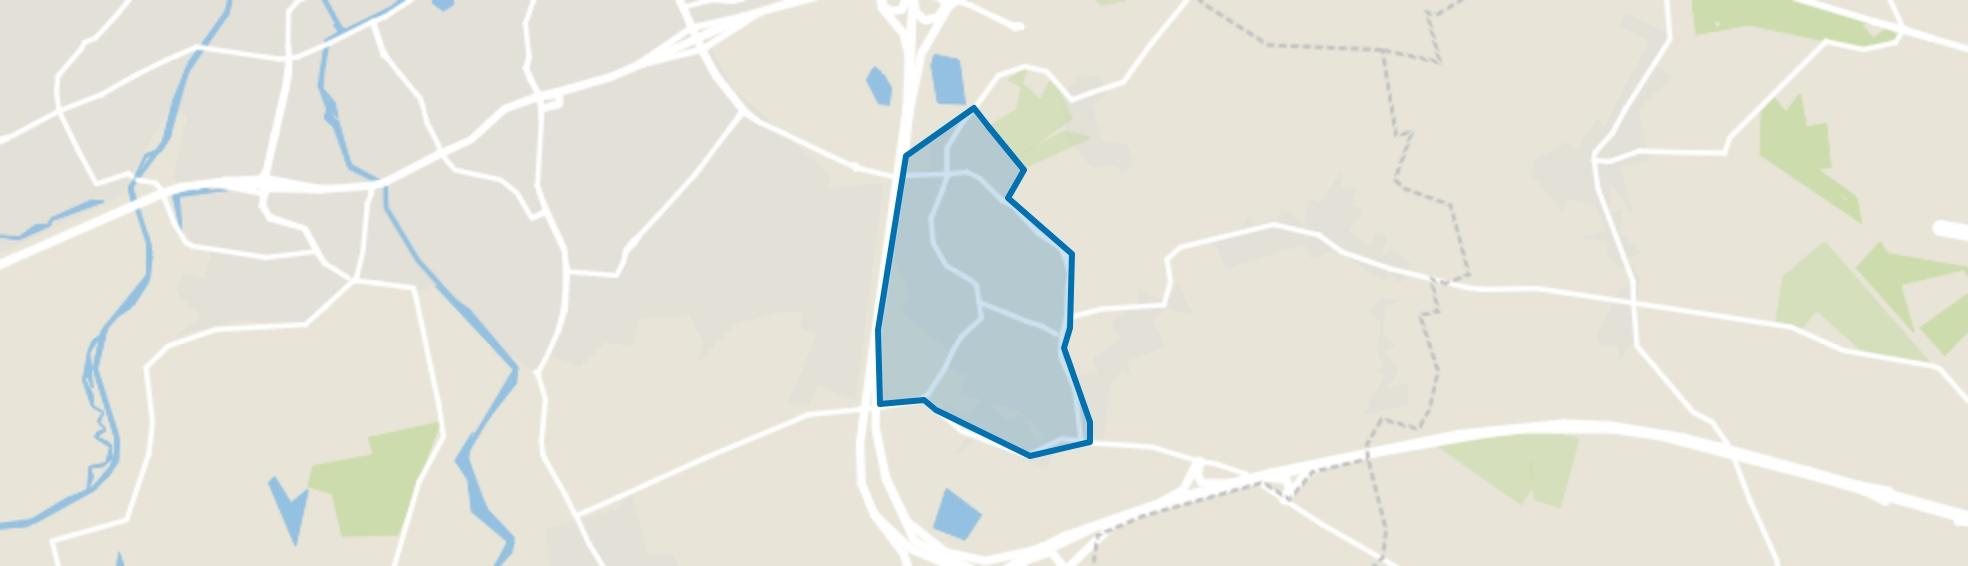 Bavel, Bavel (Gem. Breda) map